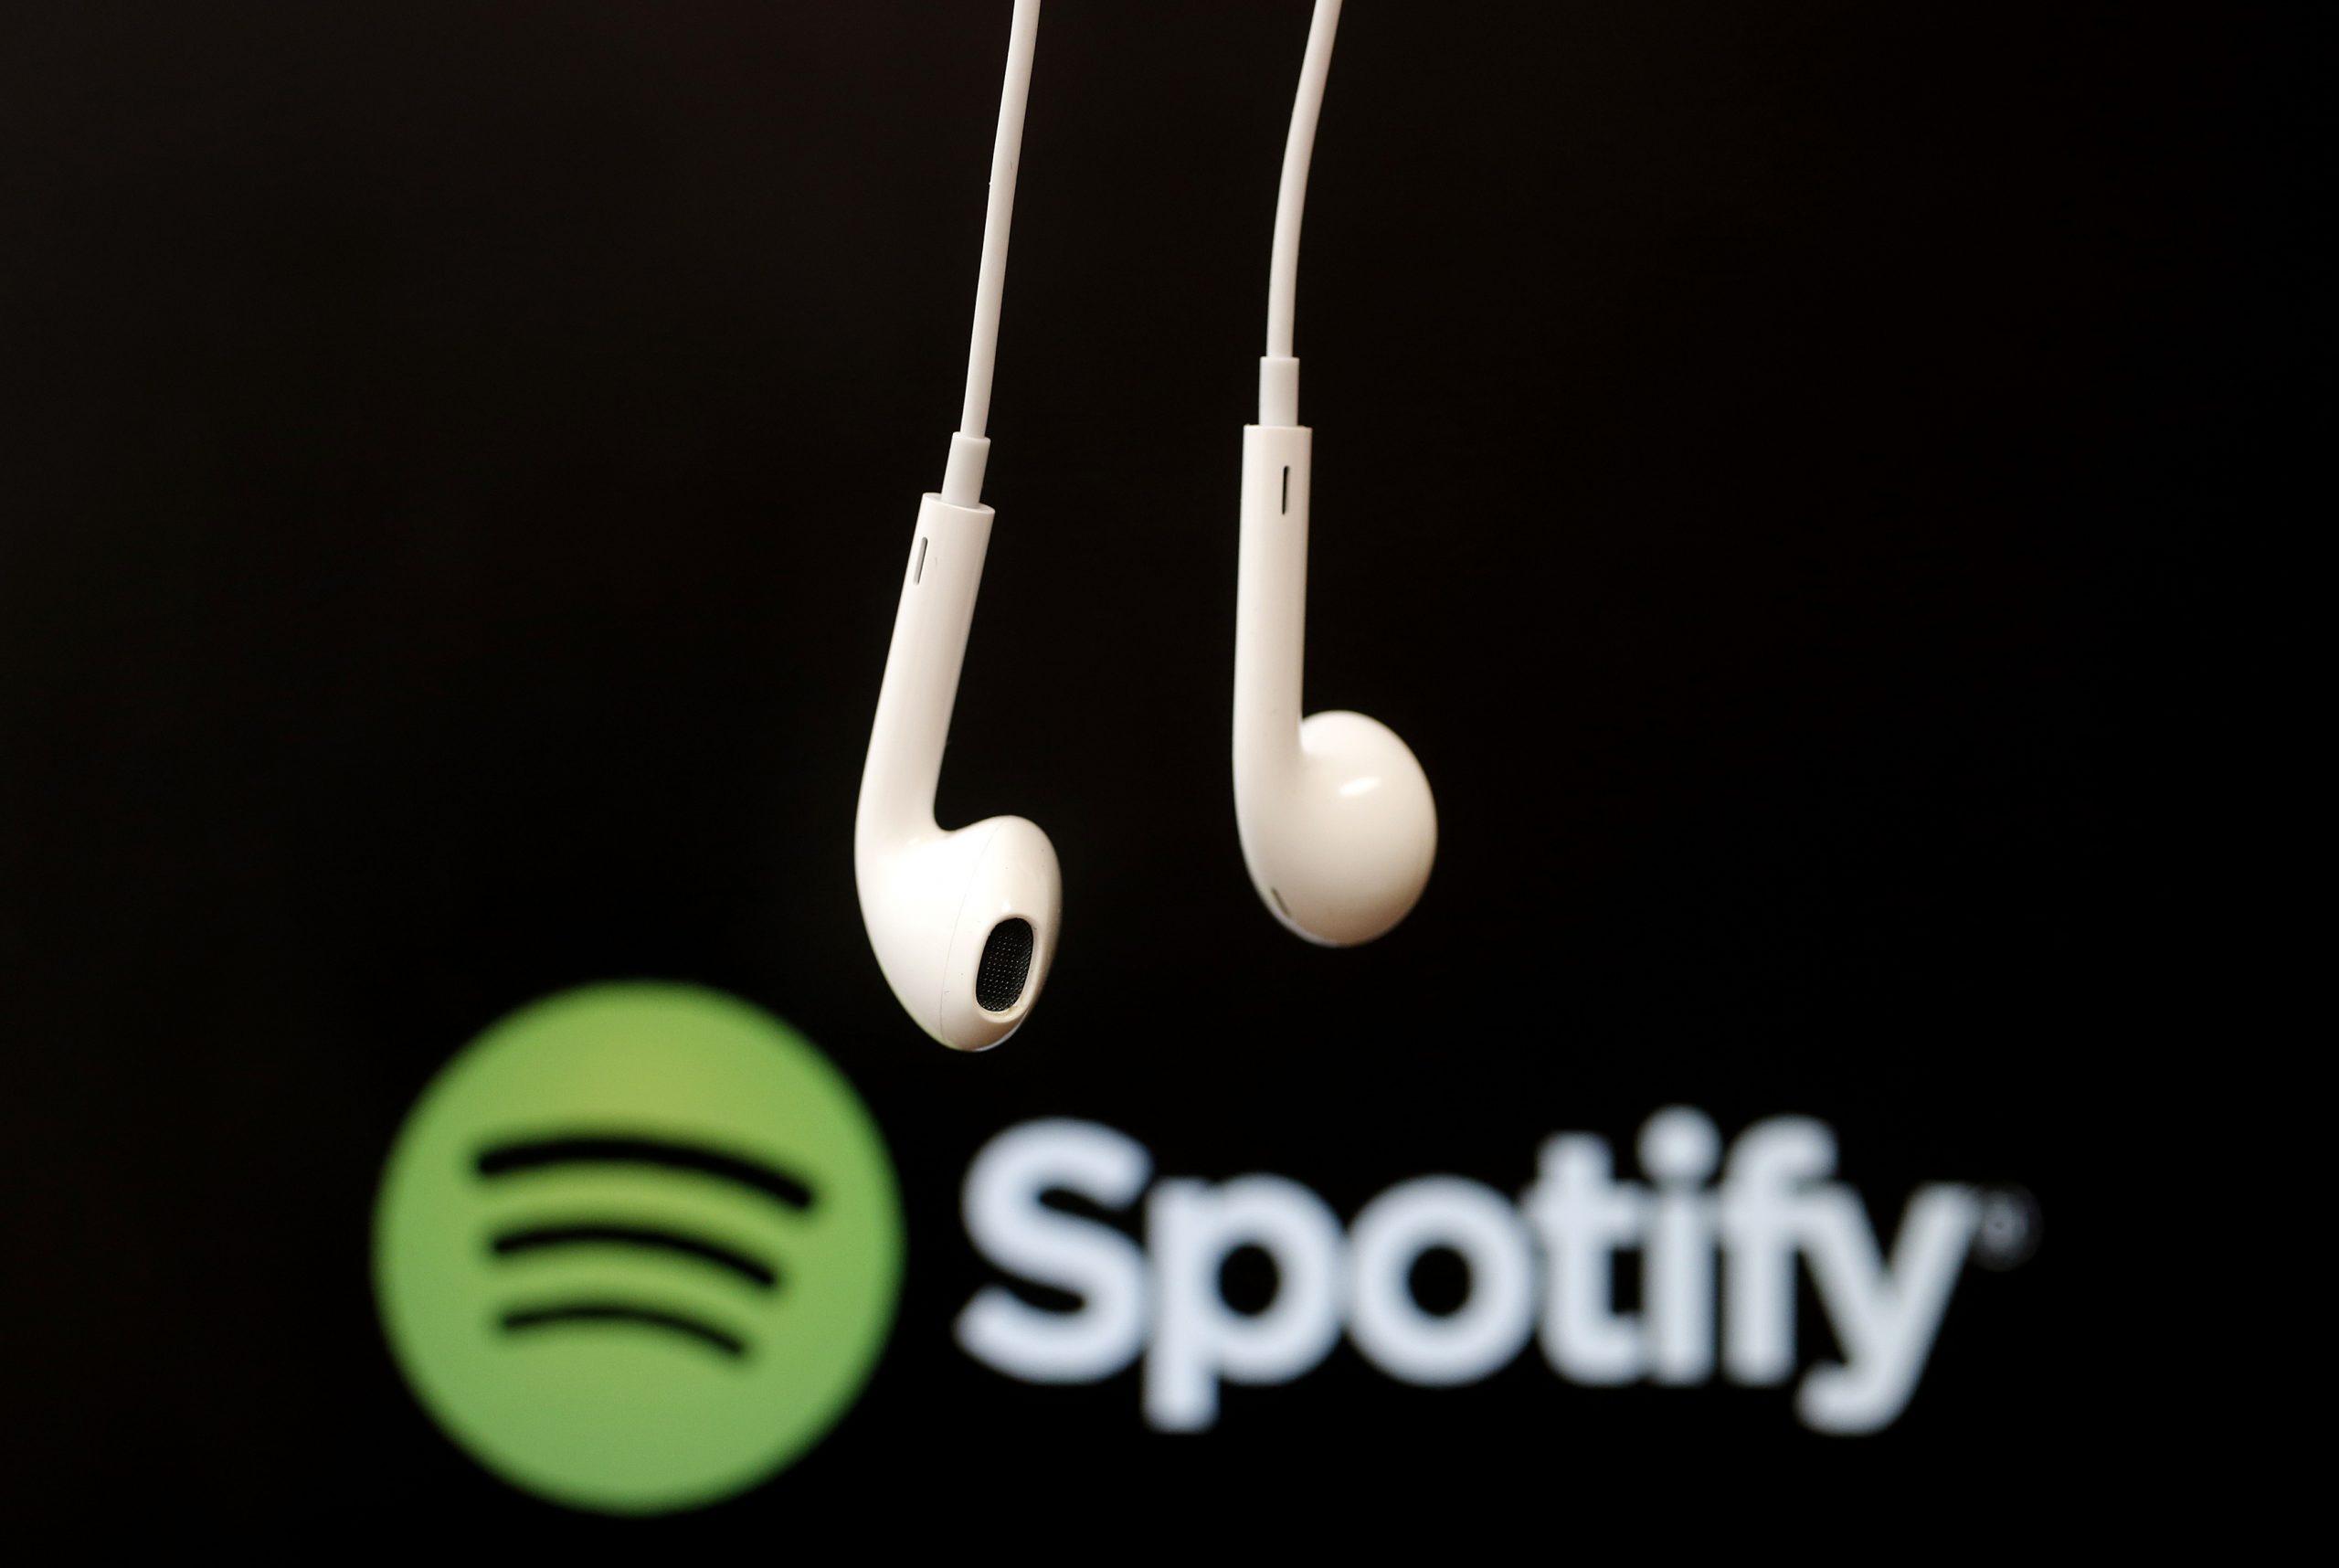 Il logo di Spotify